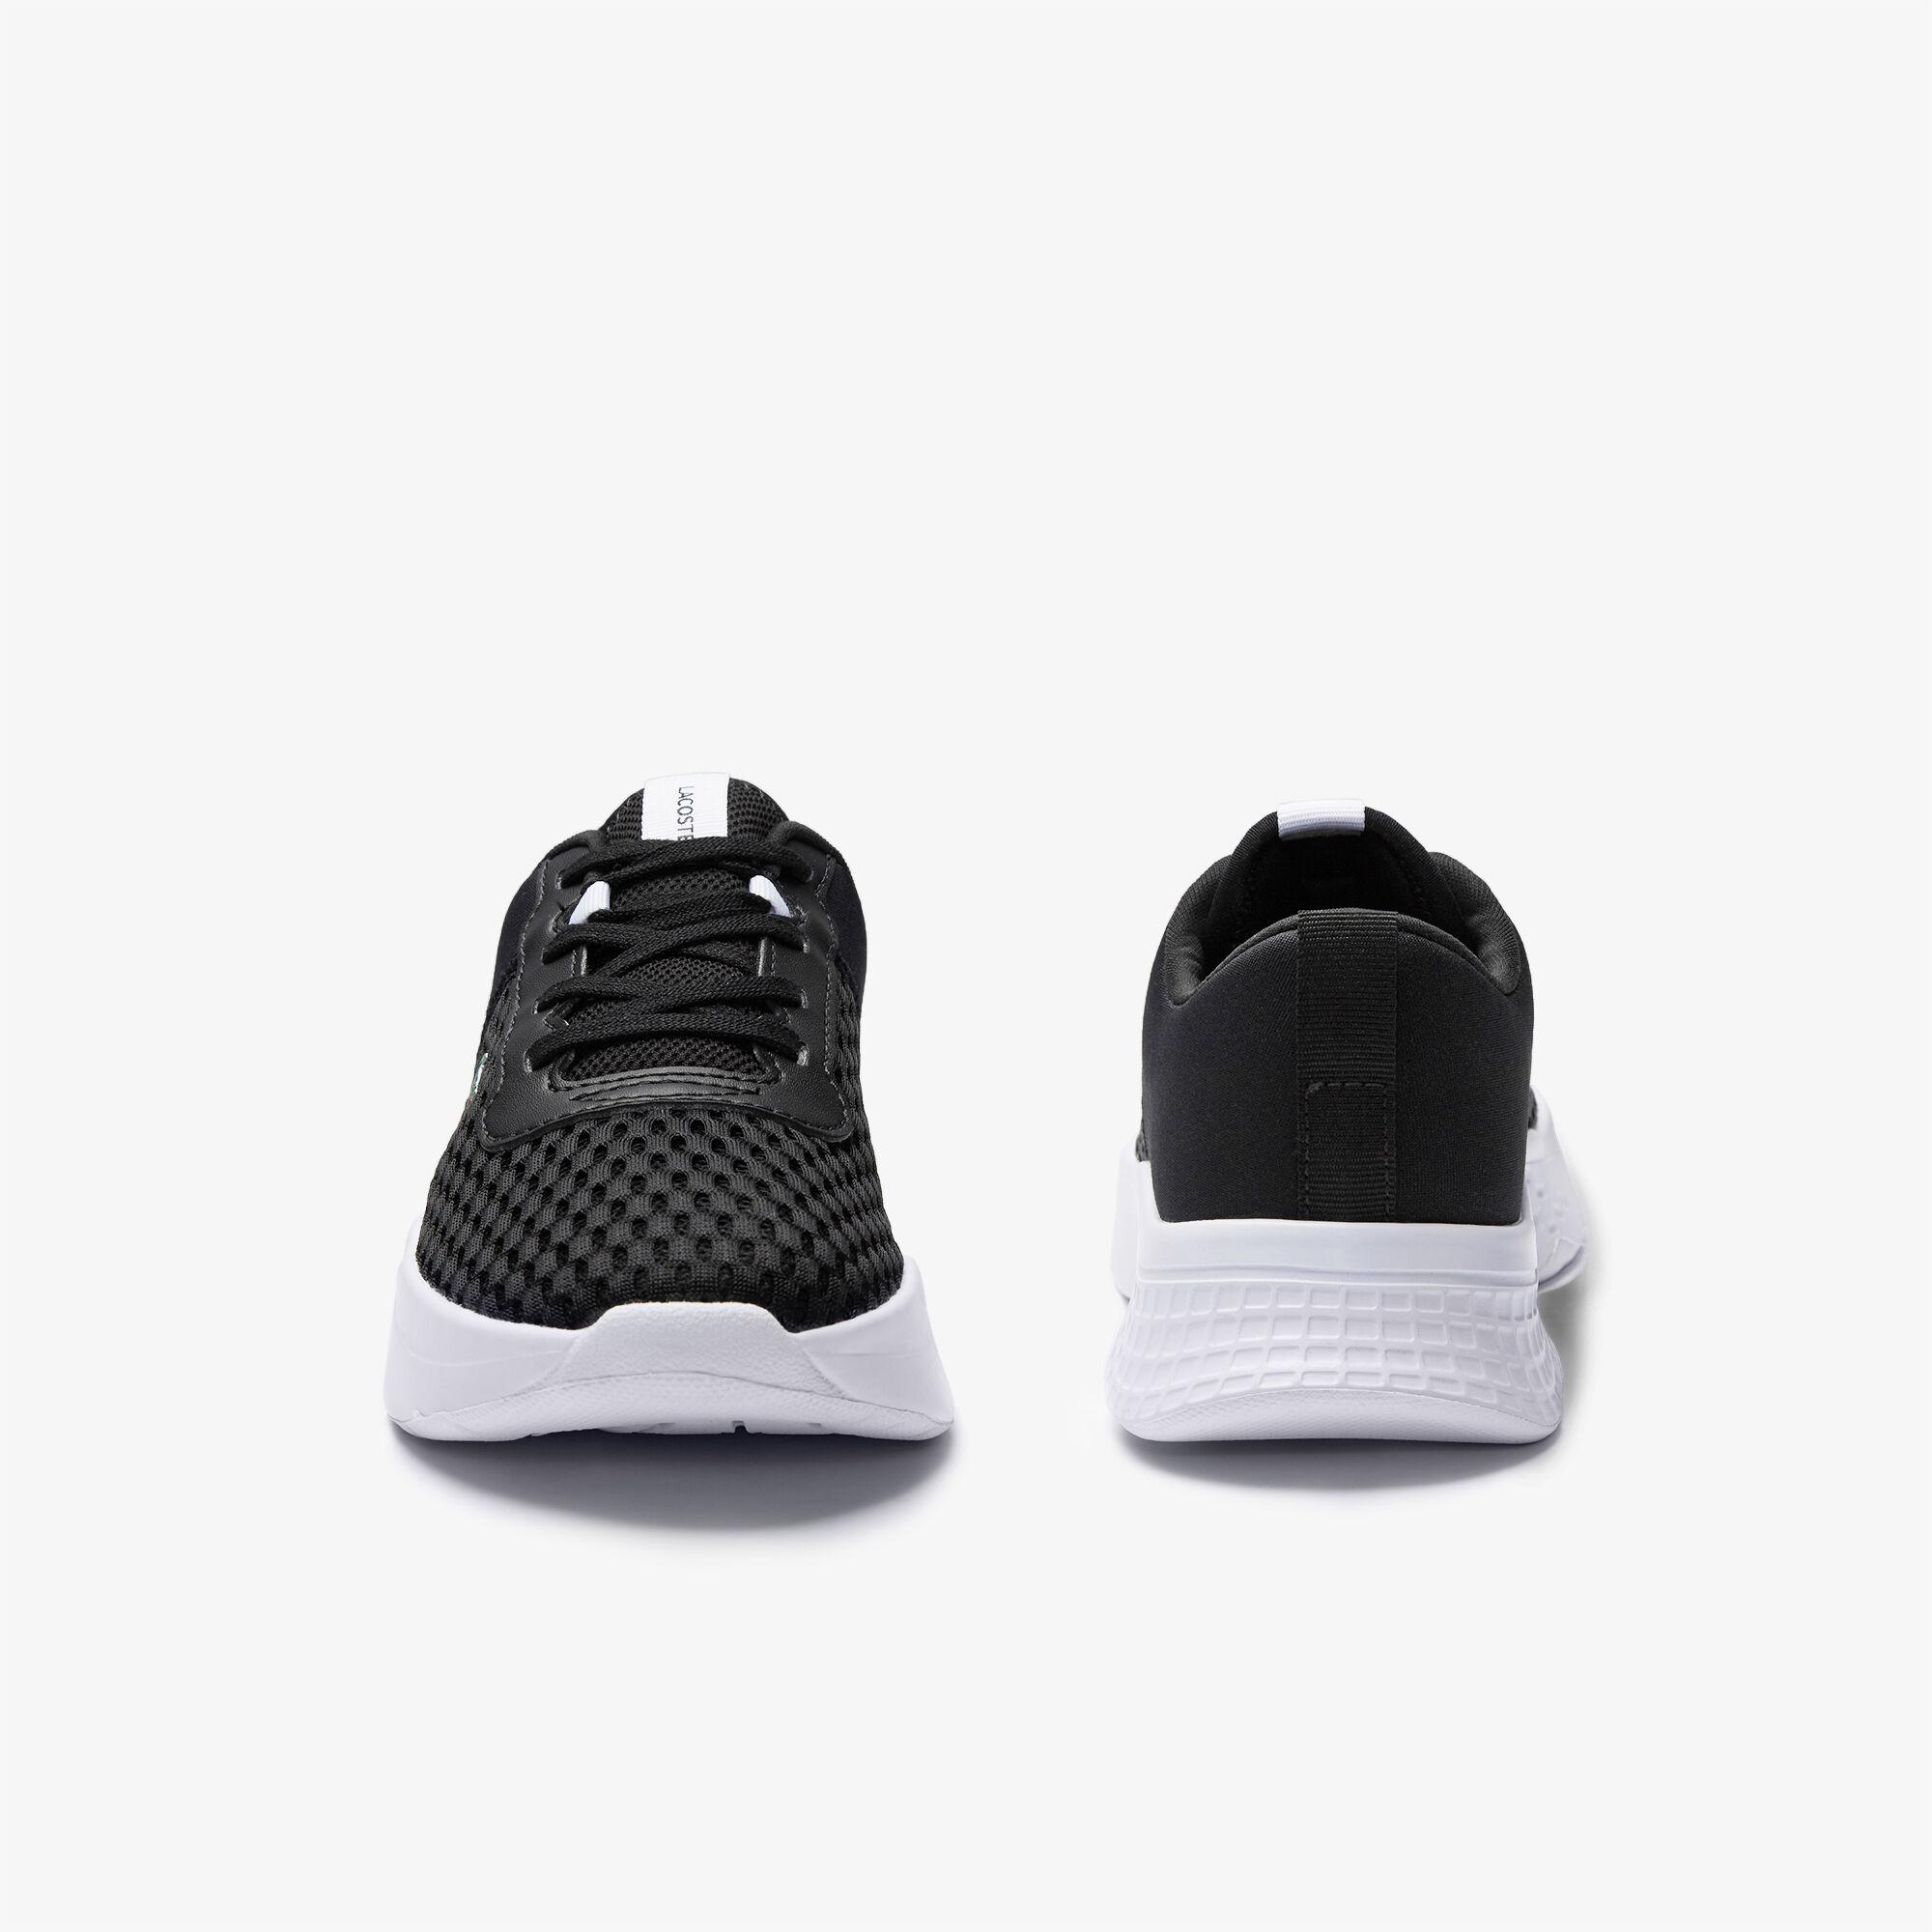 حذاء رياضي من النسيج المحبوك المرن والشبكي مجموعة Court-Drive للأطفال